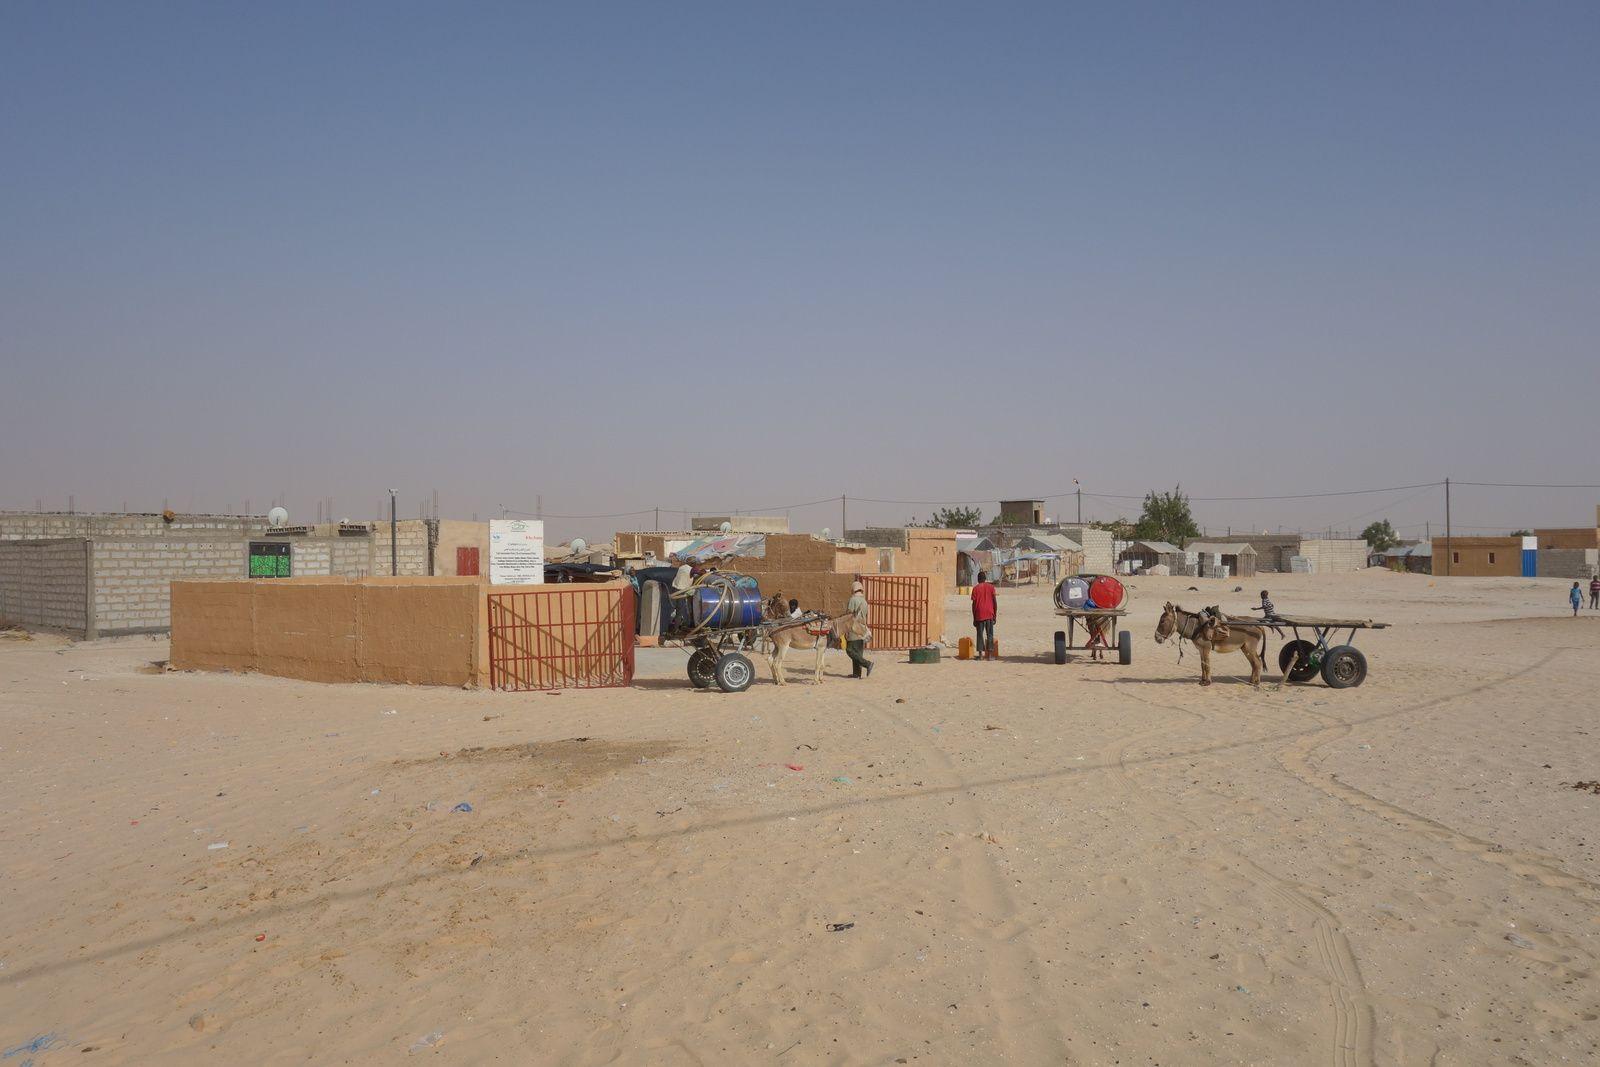 Quartier de Tarhile, dans la commune de Riyad, à Nouakchott. Dans plusieurs zones périphériques de la capitale, l'accès à l'eau courante pose encore de sérieux problèmes, sans parler de l'absence de système d'évacuation des eaux usées, ou encore souvent de phénomènes de fécalisme à ciel ouvert. Alors que les travaux se sont multipliés ces dernières années dans le centre-ville pour améliorer la « vitrine » de Nouakchott, à la veille de sommets internationaux, dans les quartiers périphériques où ont été relogées des populations, les initiatives de développement se font clairement attendre.